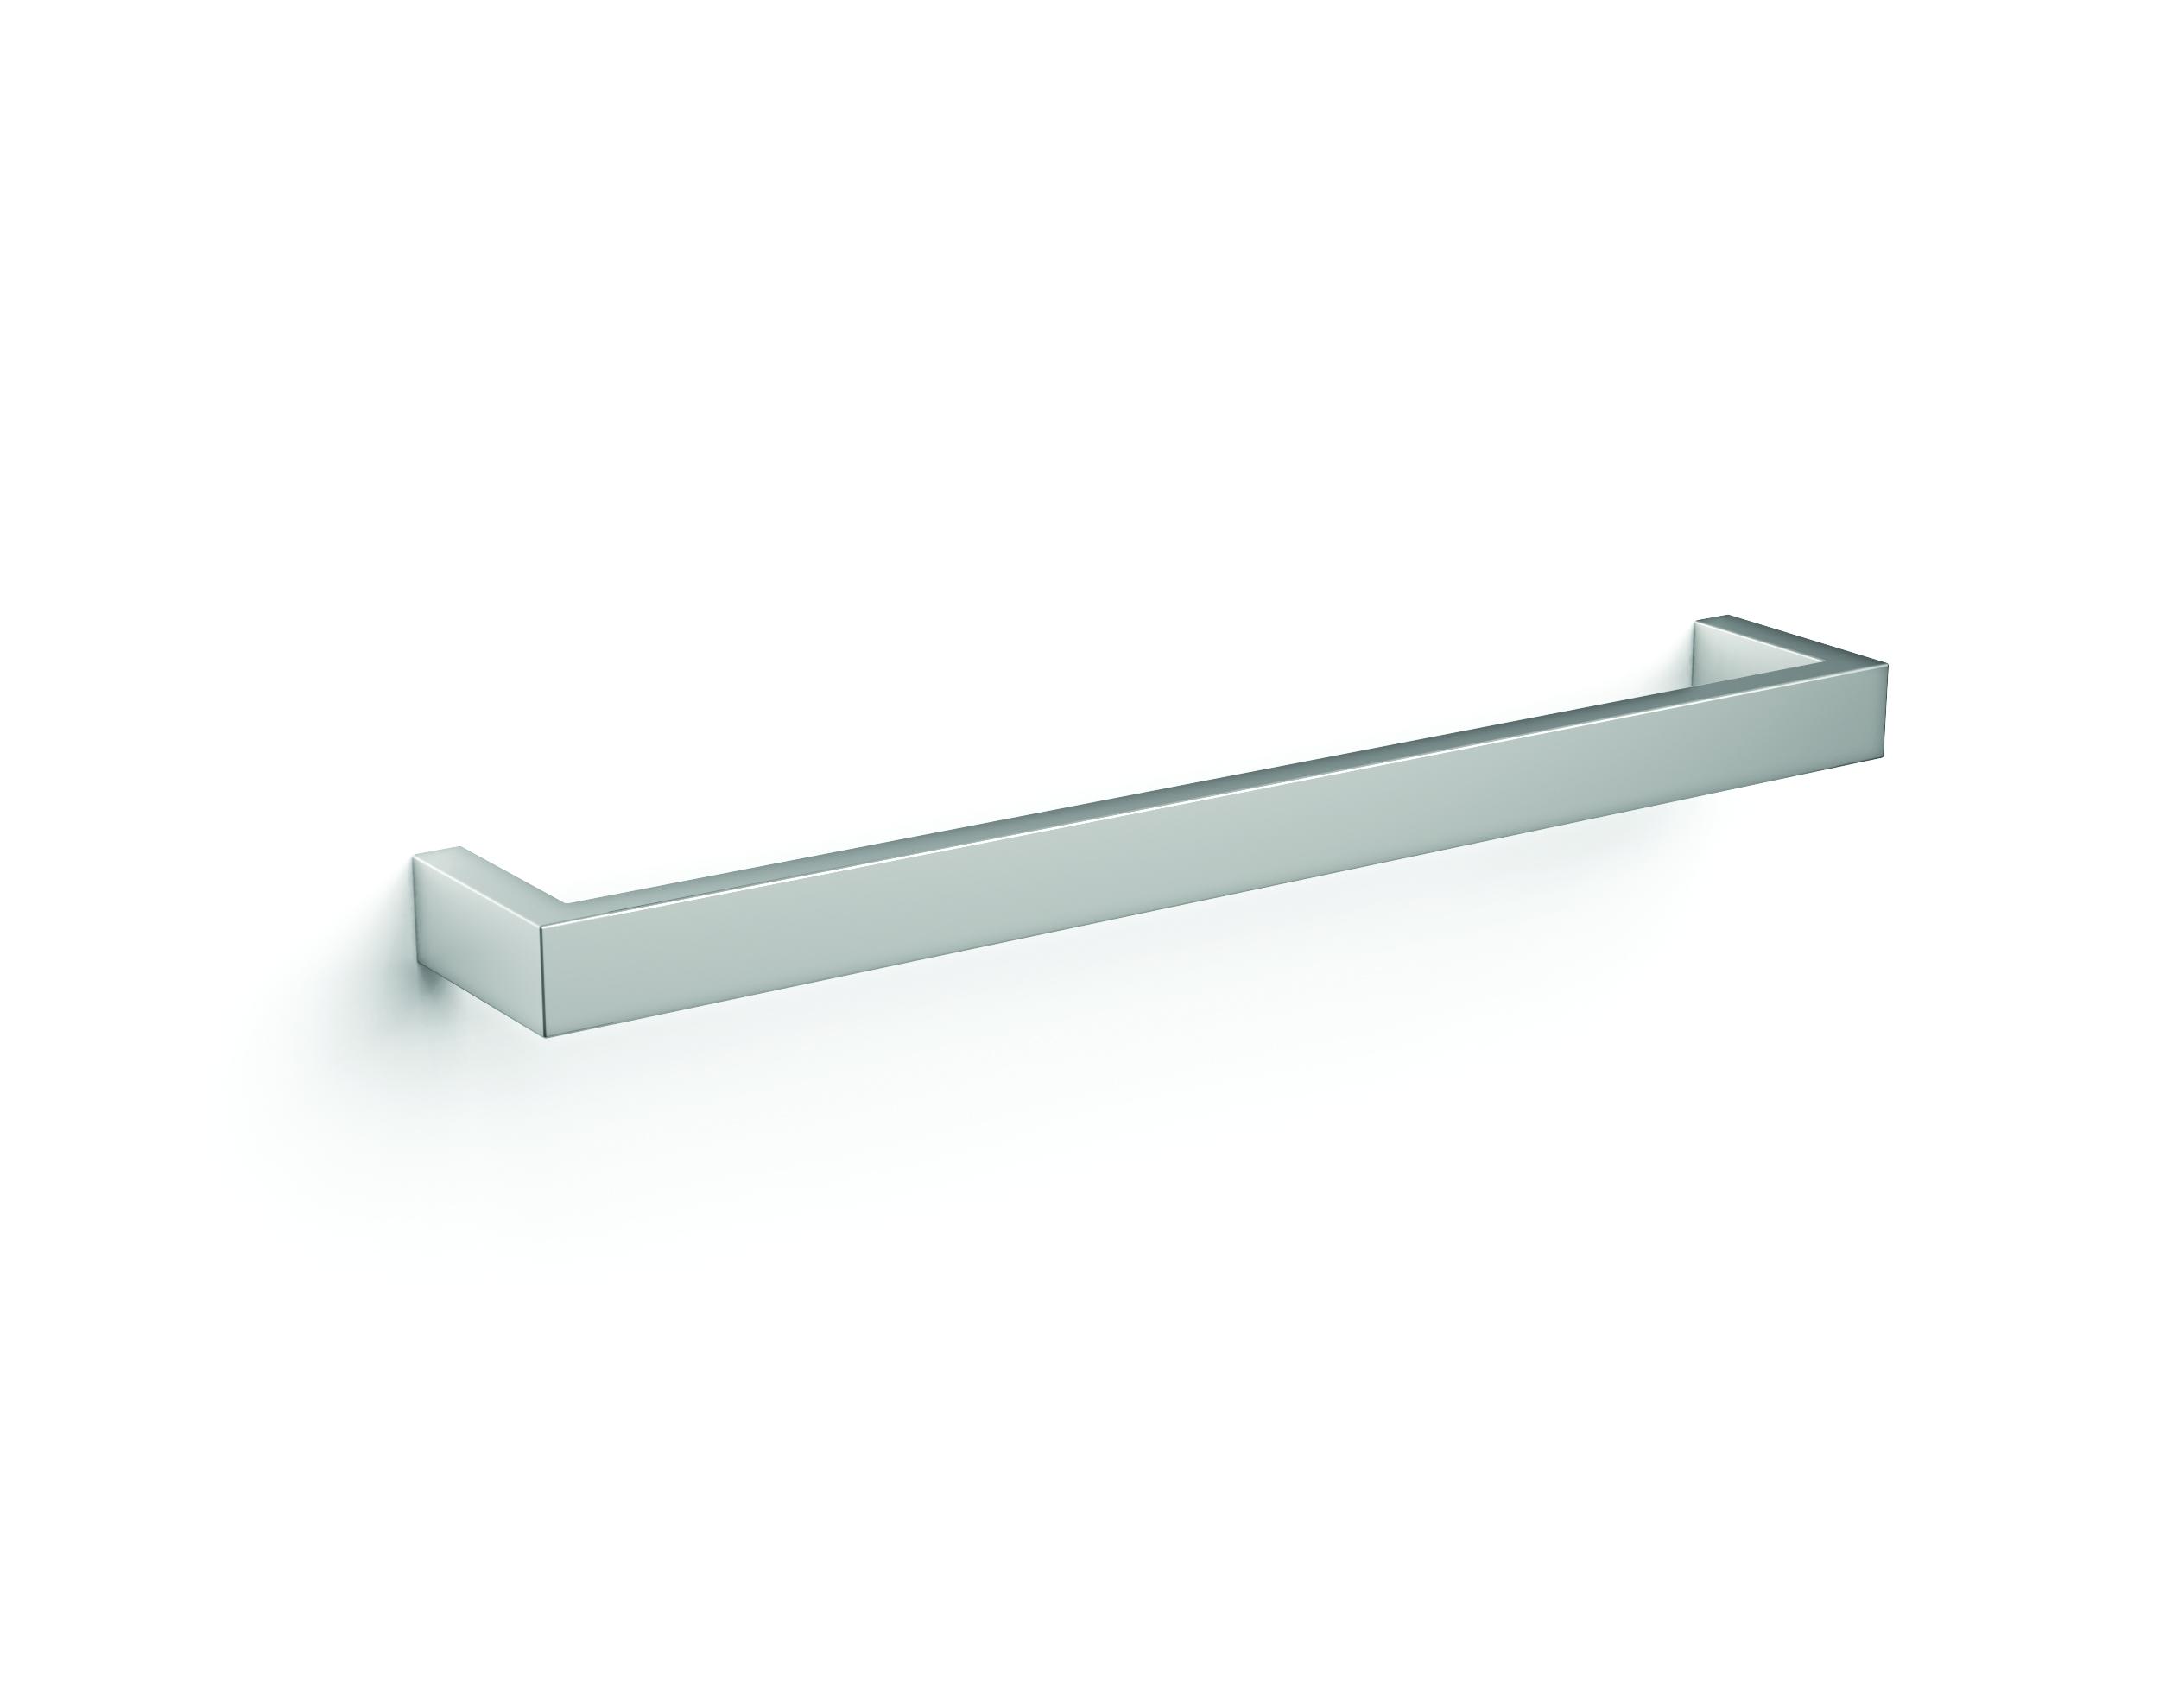 steel straight square profile